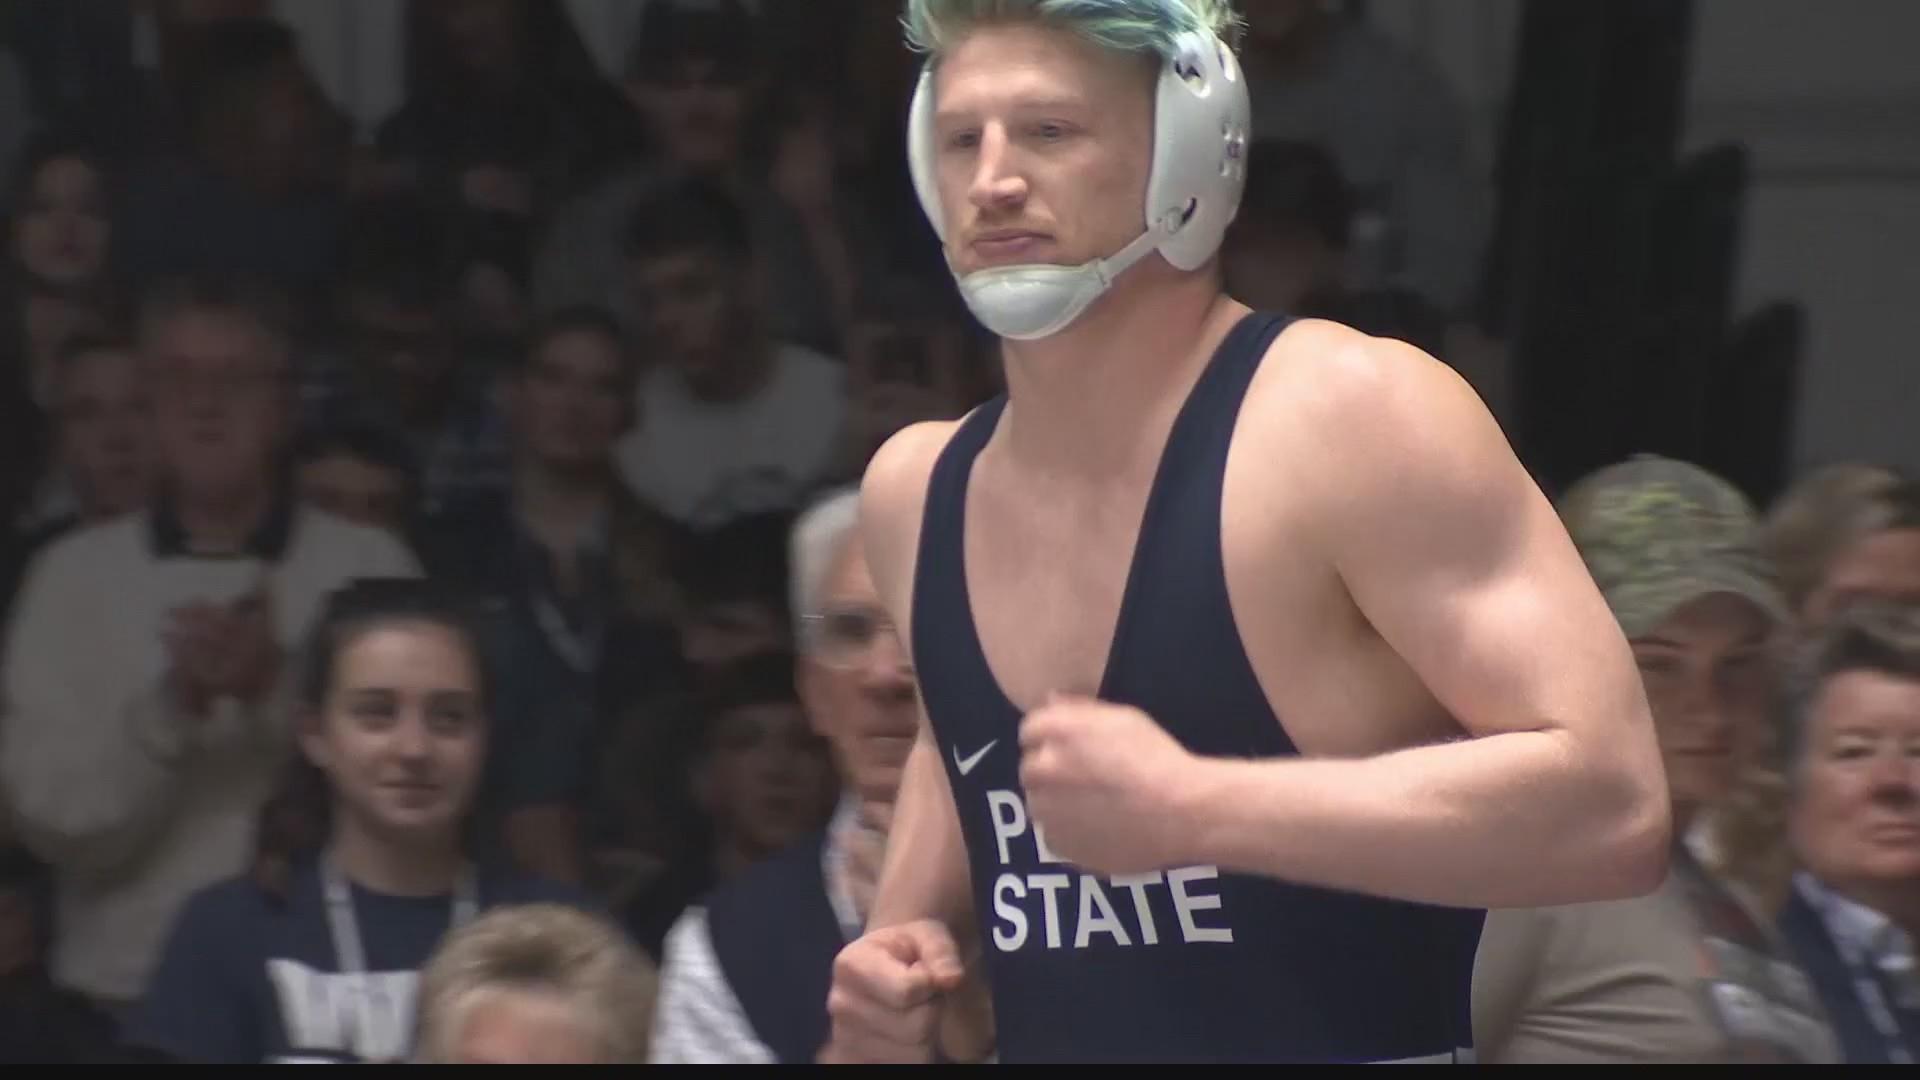 Penn_State_Wrestling_cleans_up_on_senior_0_20190224235016